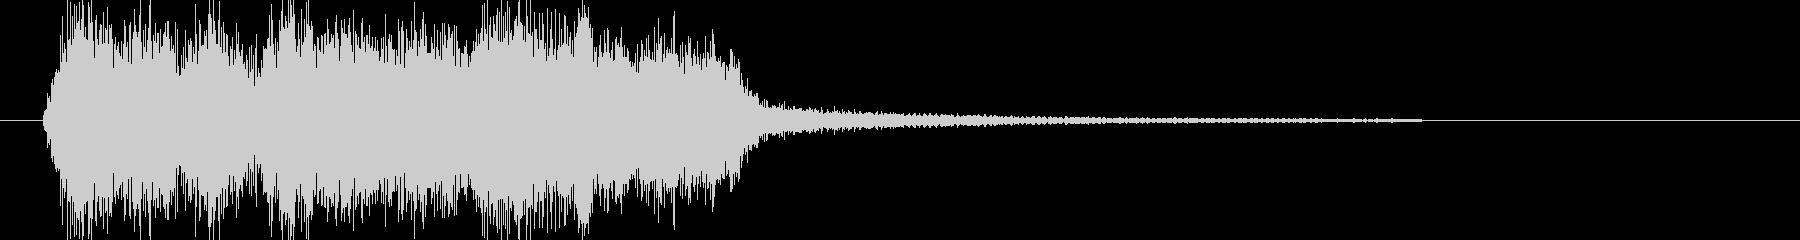 ファンファーレ レベルアップ 正解の未再生の波形